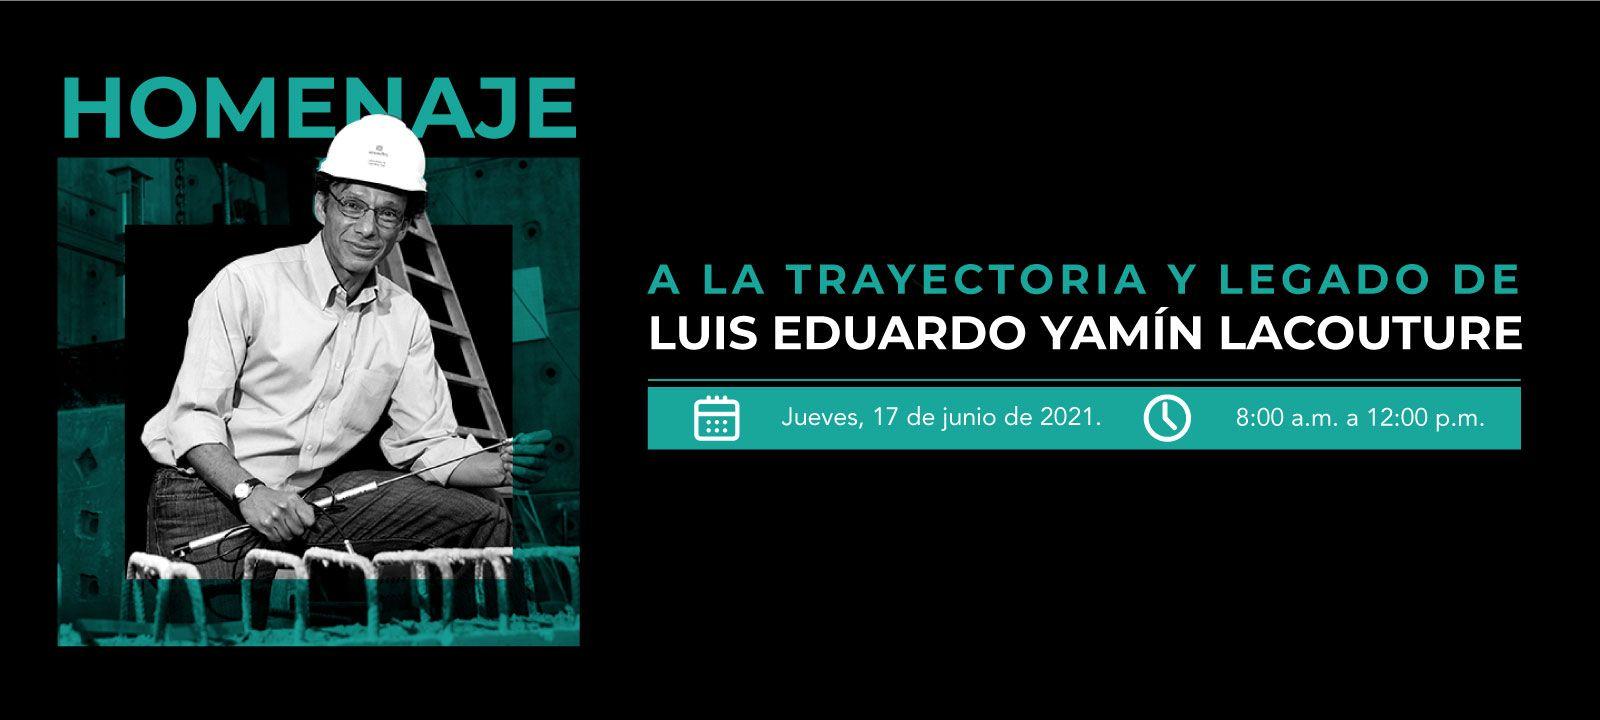 Homenaje a la trayectoria y legado de Luis Eduardo Yamín Lacouture